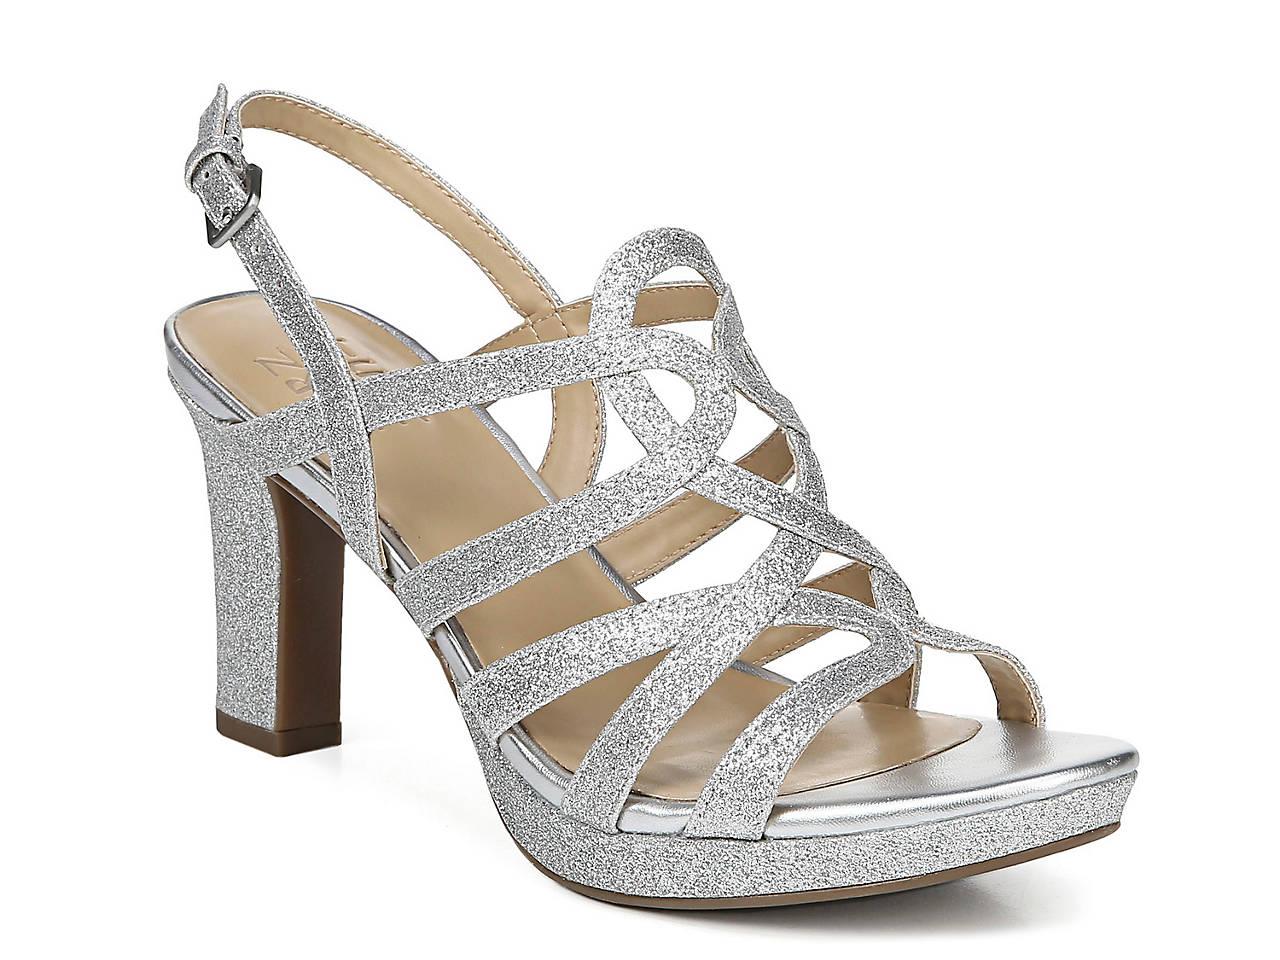 b3176d4443 Naturalizer Cameron Platform Sandal Women's Shoes | DSW